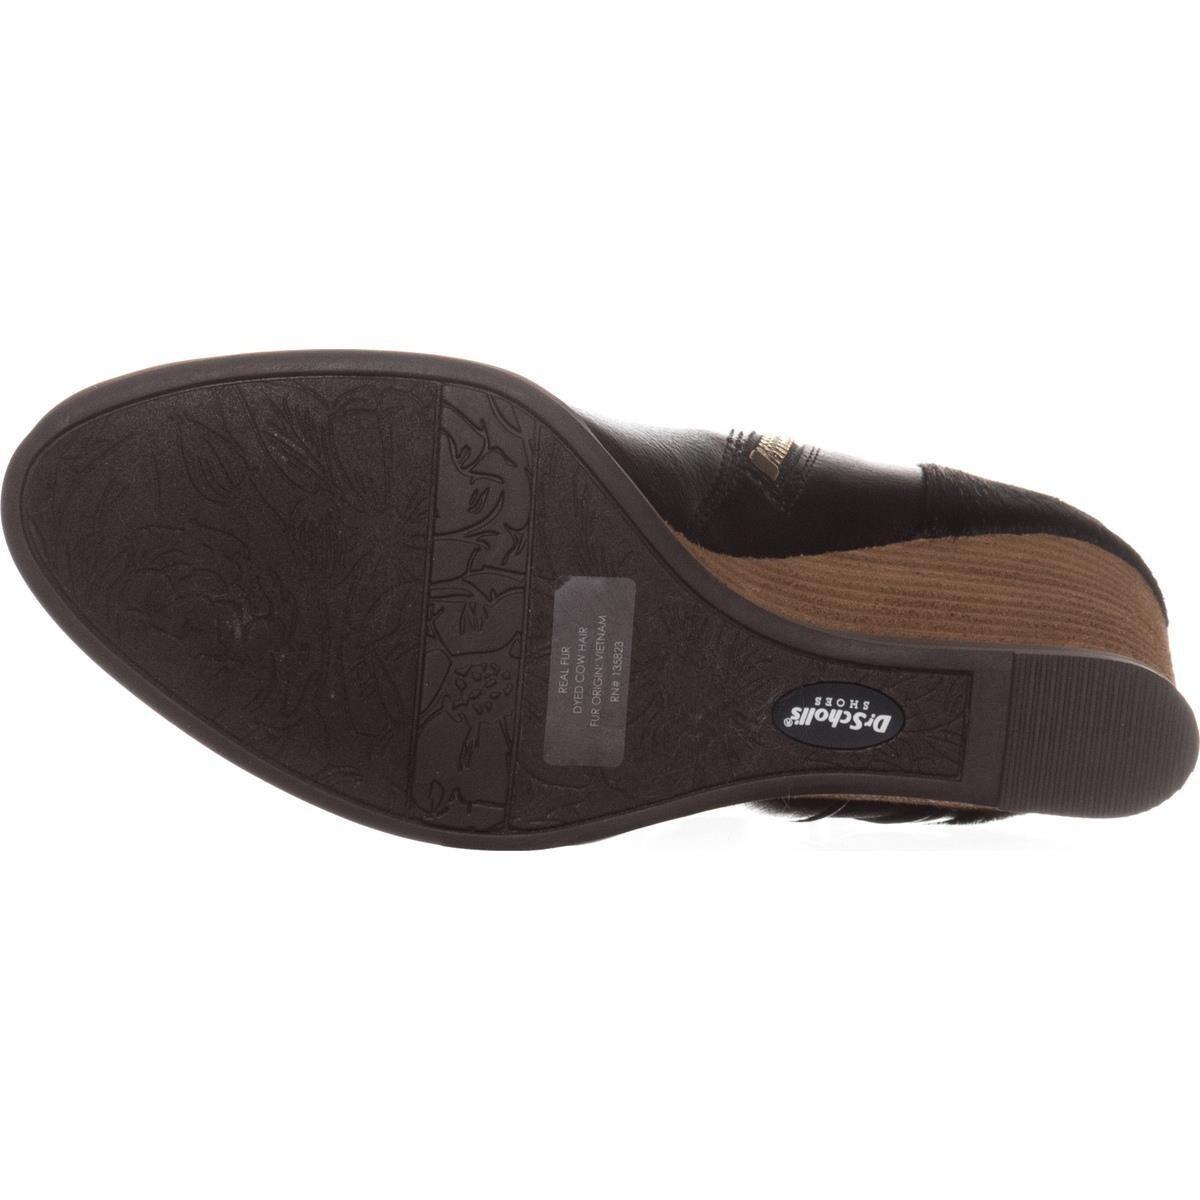 a94608dc4e7 Shop Dr. Scholls Patch Wedge Ankle Boots